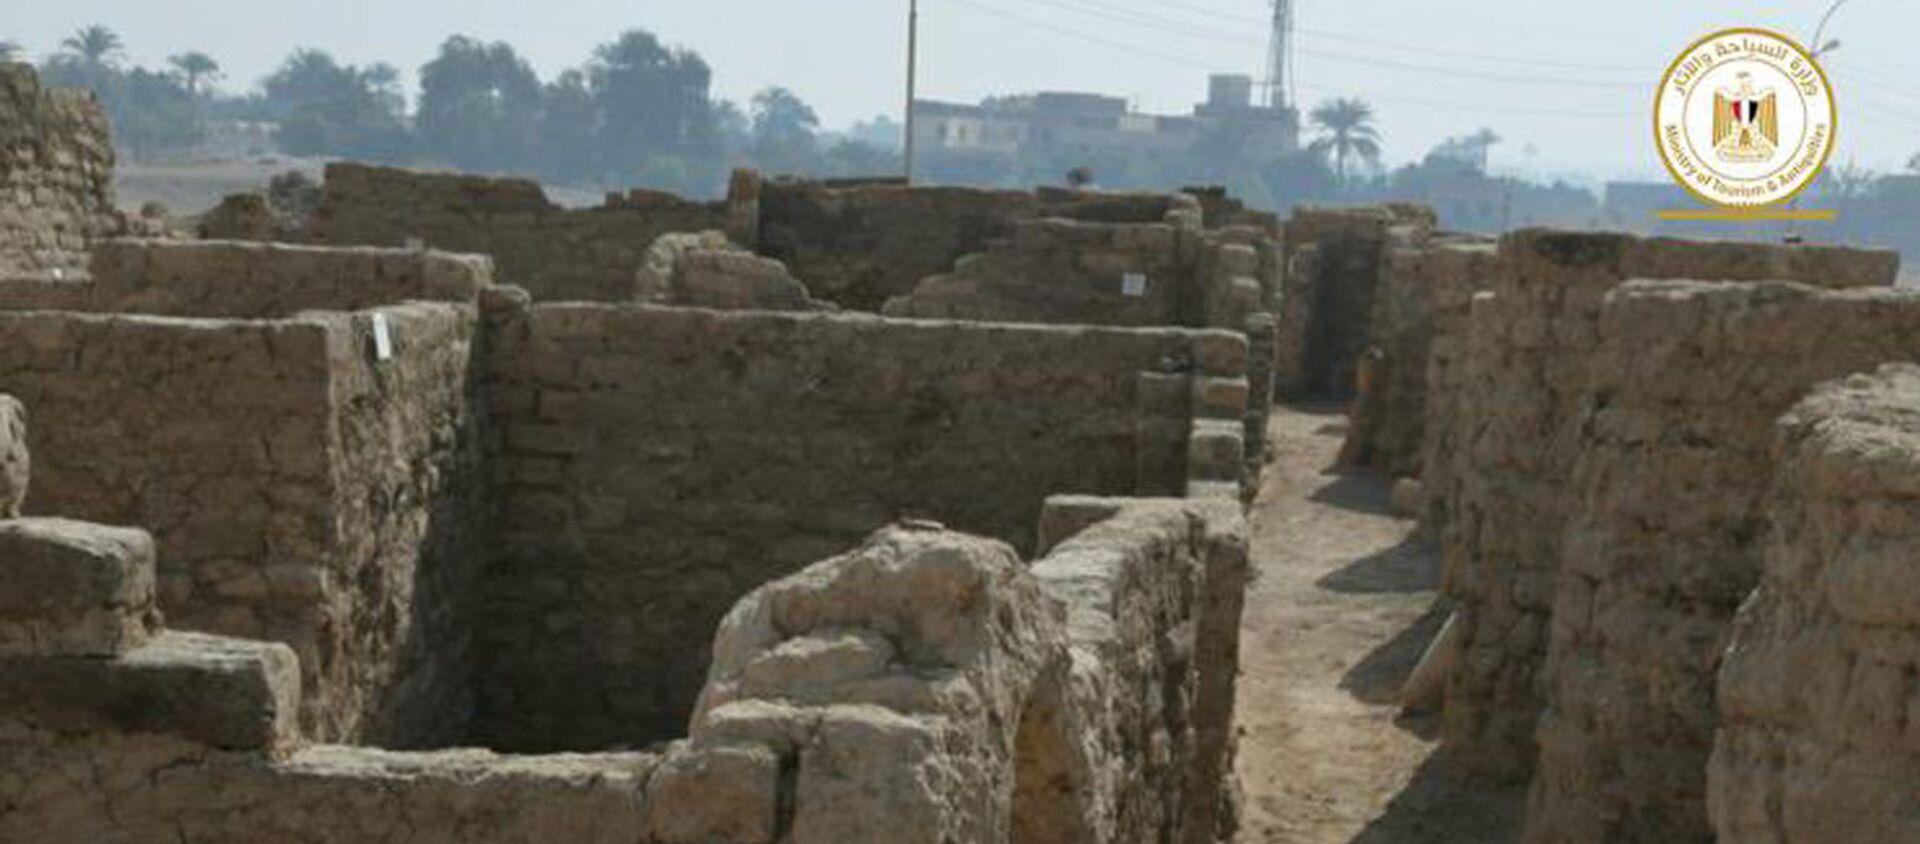 Wykopaliska archeologiczne w okolicach Luksoru, Egipt. - Sputnik Polska, 1920, 09.04.2021